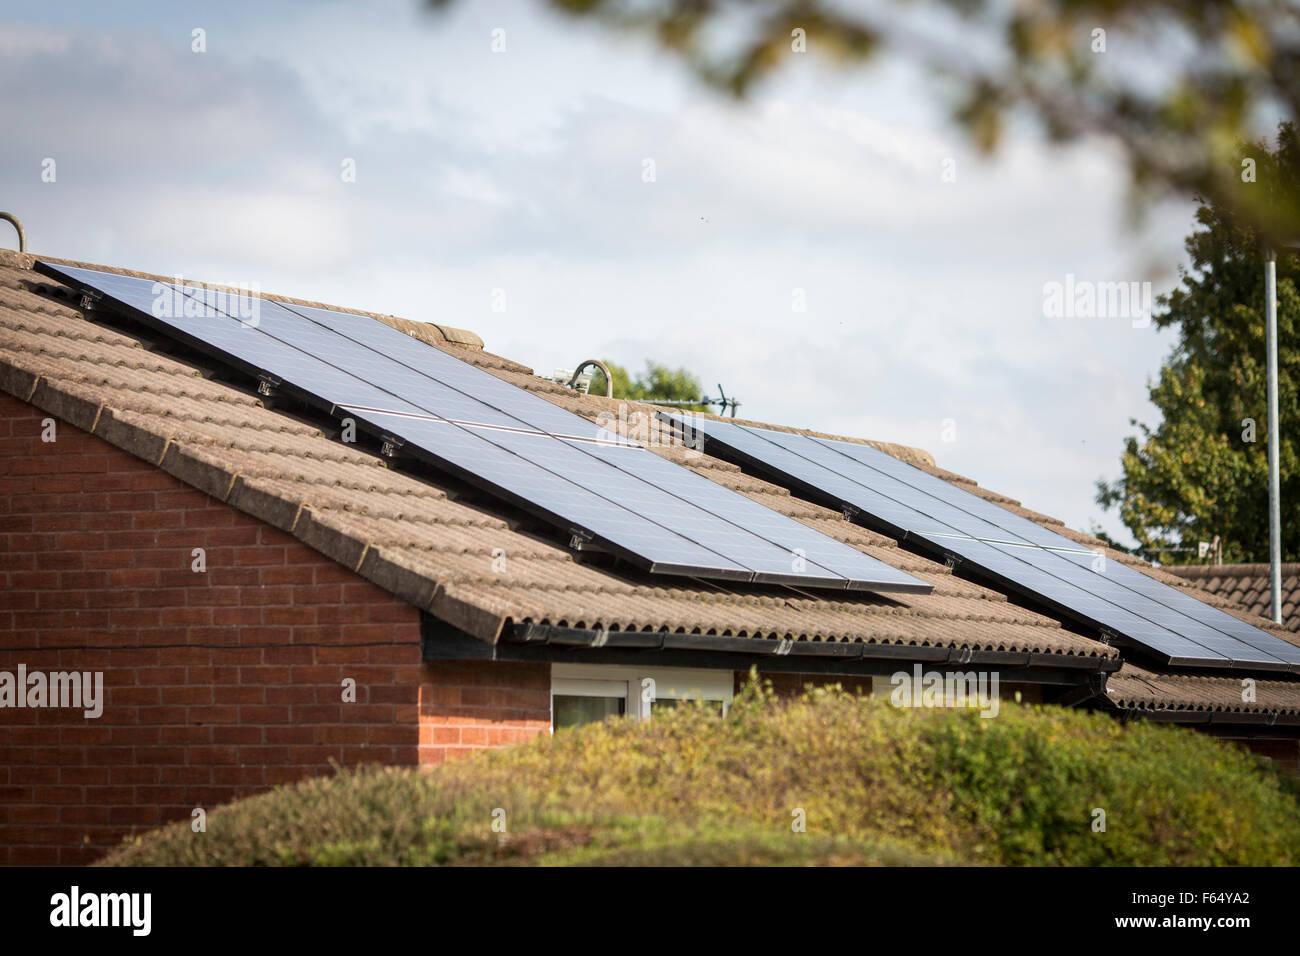 Pannelli fotovoltaici su un tetto Immagini Stock